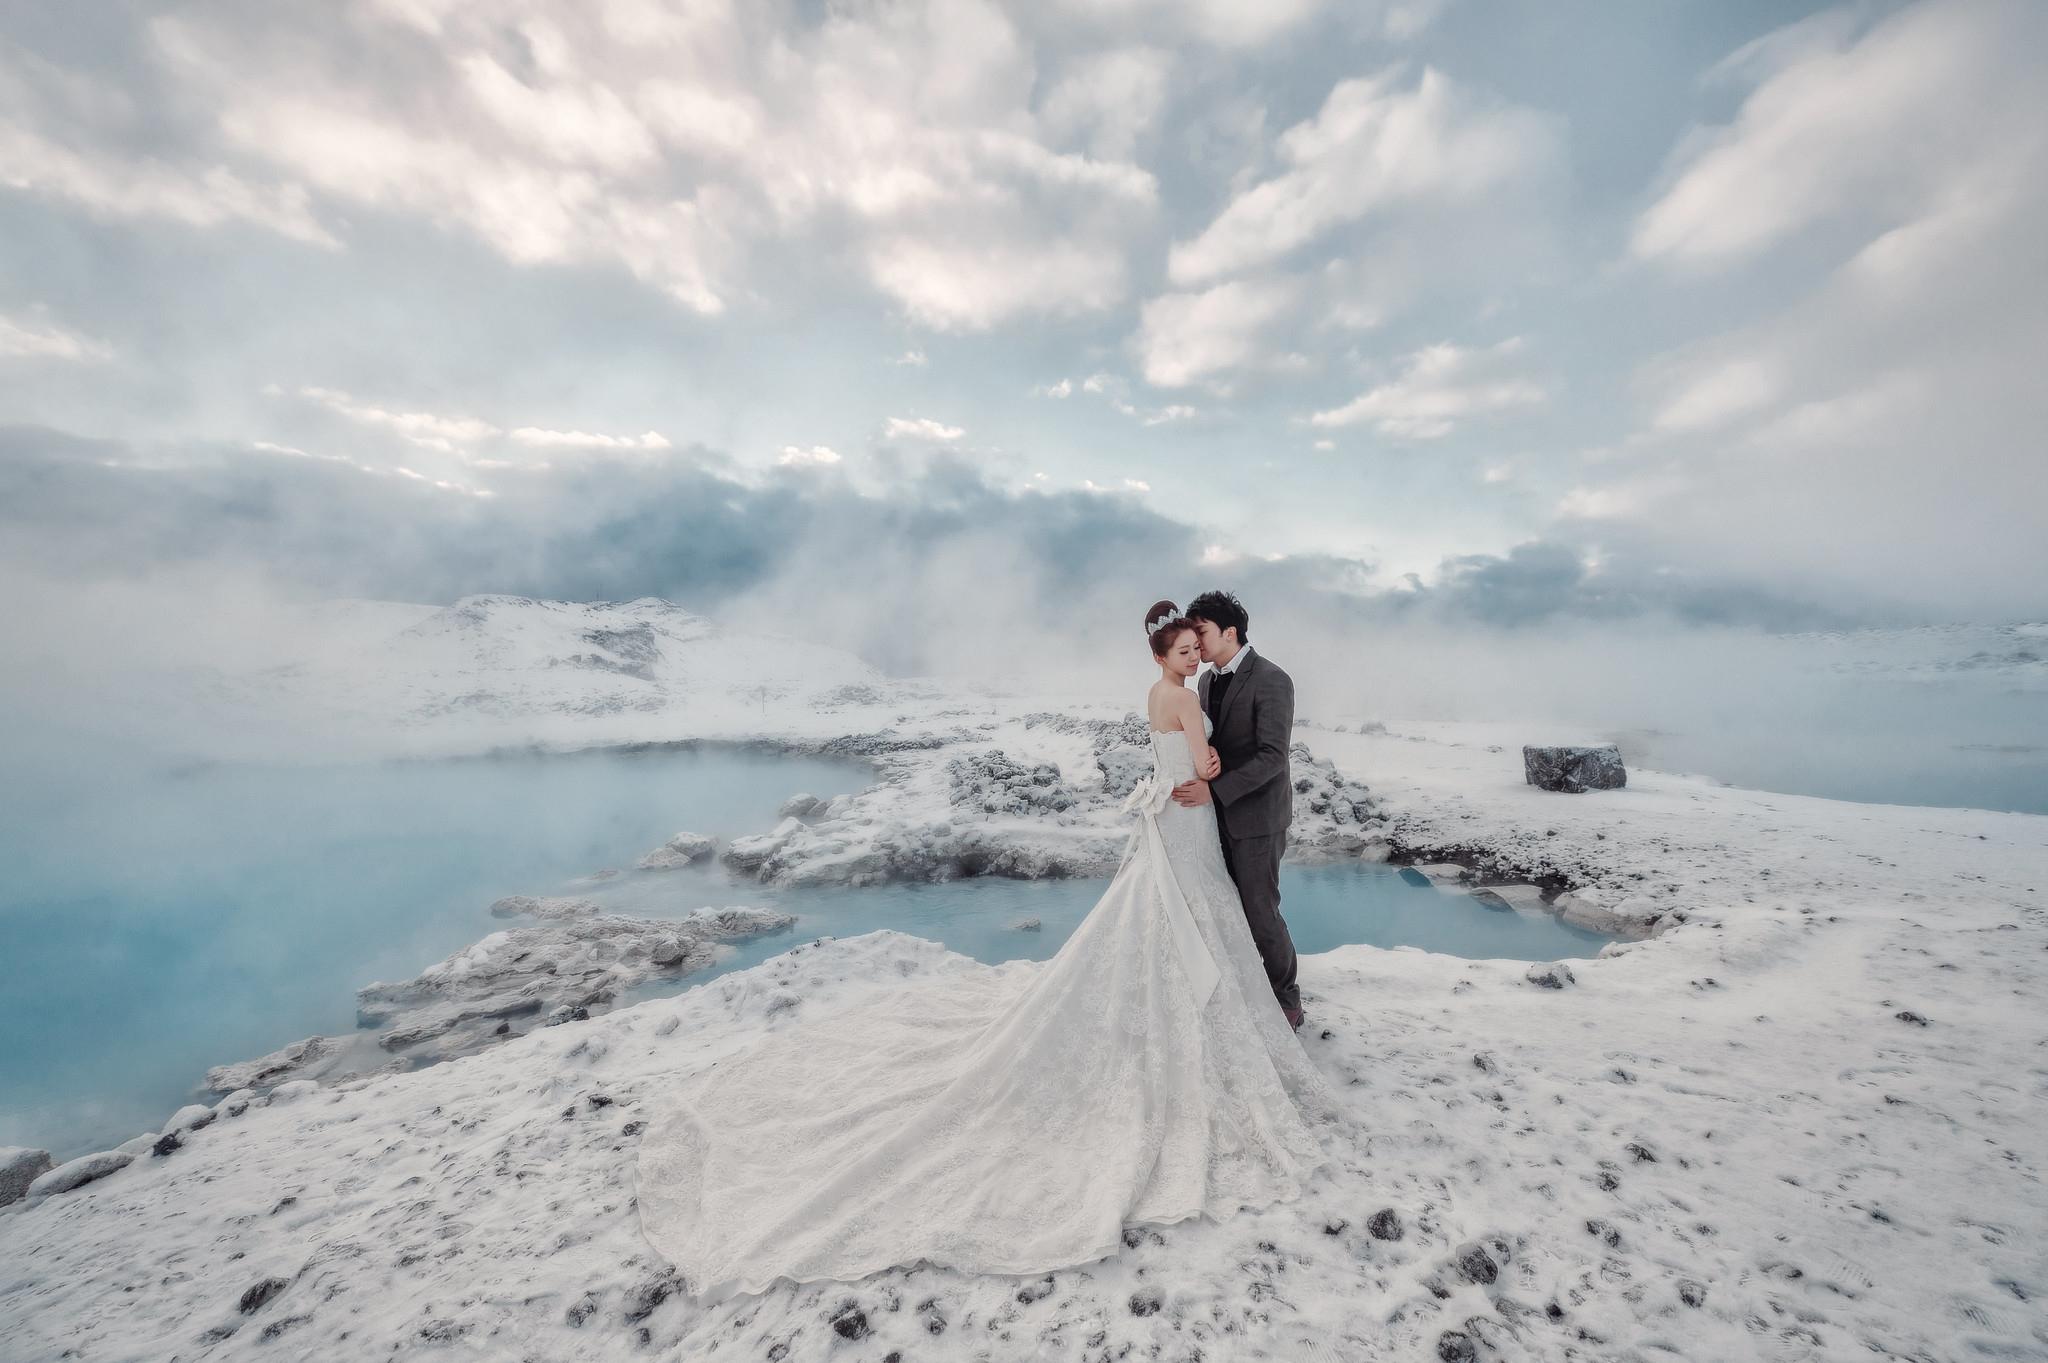 冰島婚紗攻略, 藍湖溫泉, 冰島婚紗, Donfer, Iceland Pre-Wedding